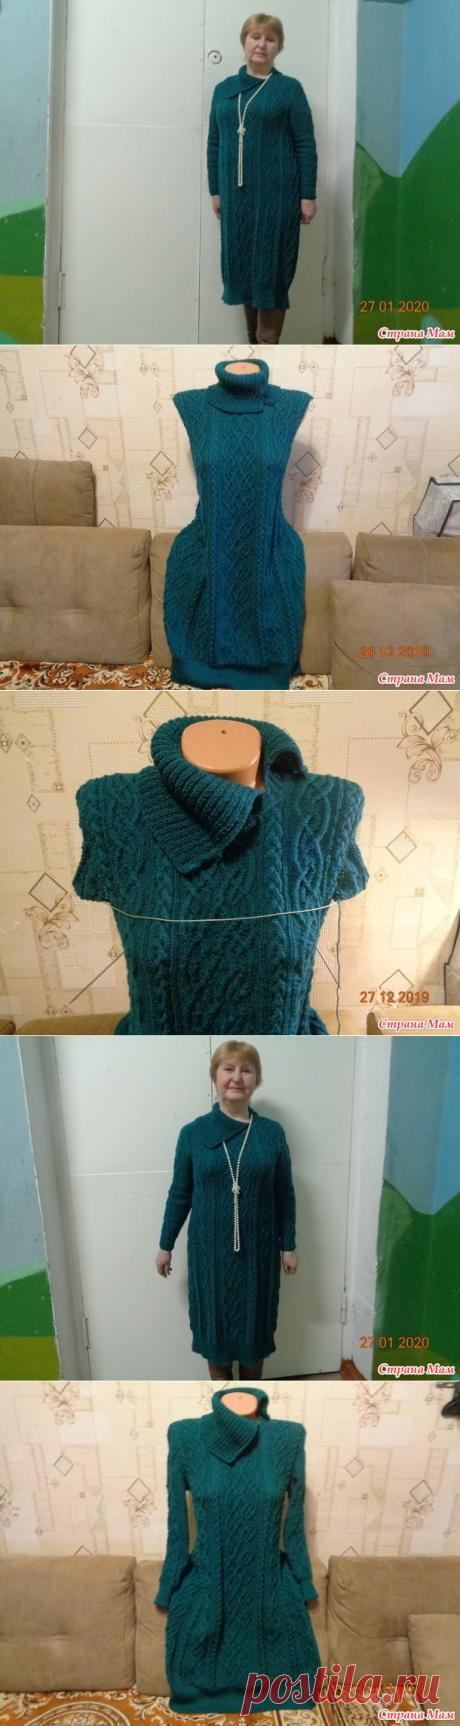 Платье для подружки(дополнила фото хозяйки) - Вязание спицами - Страна Мам